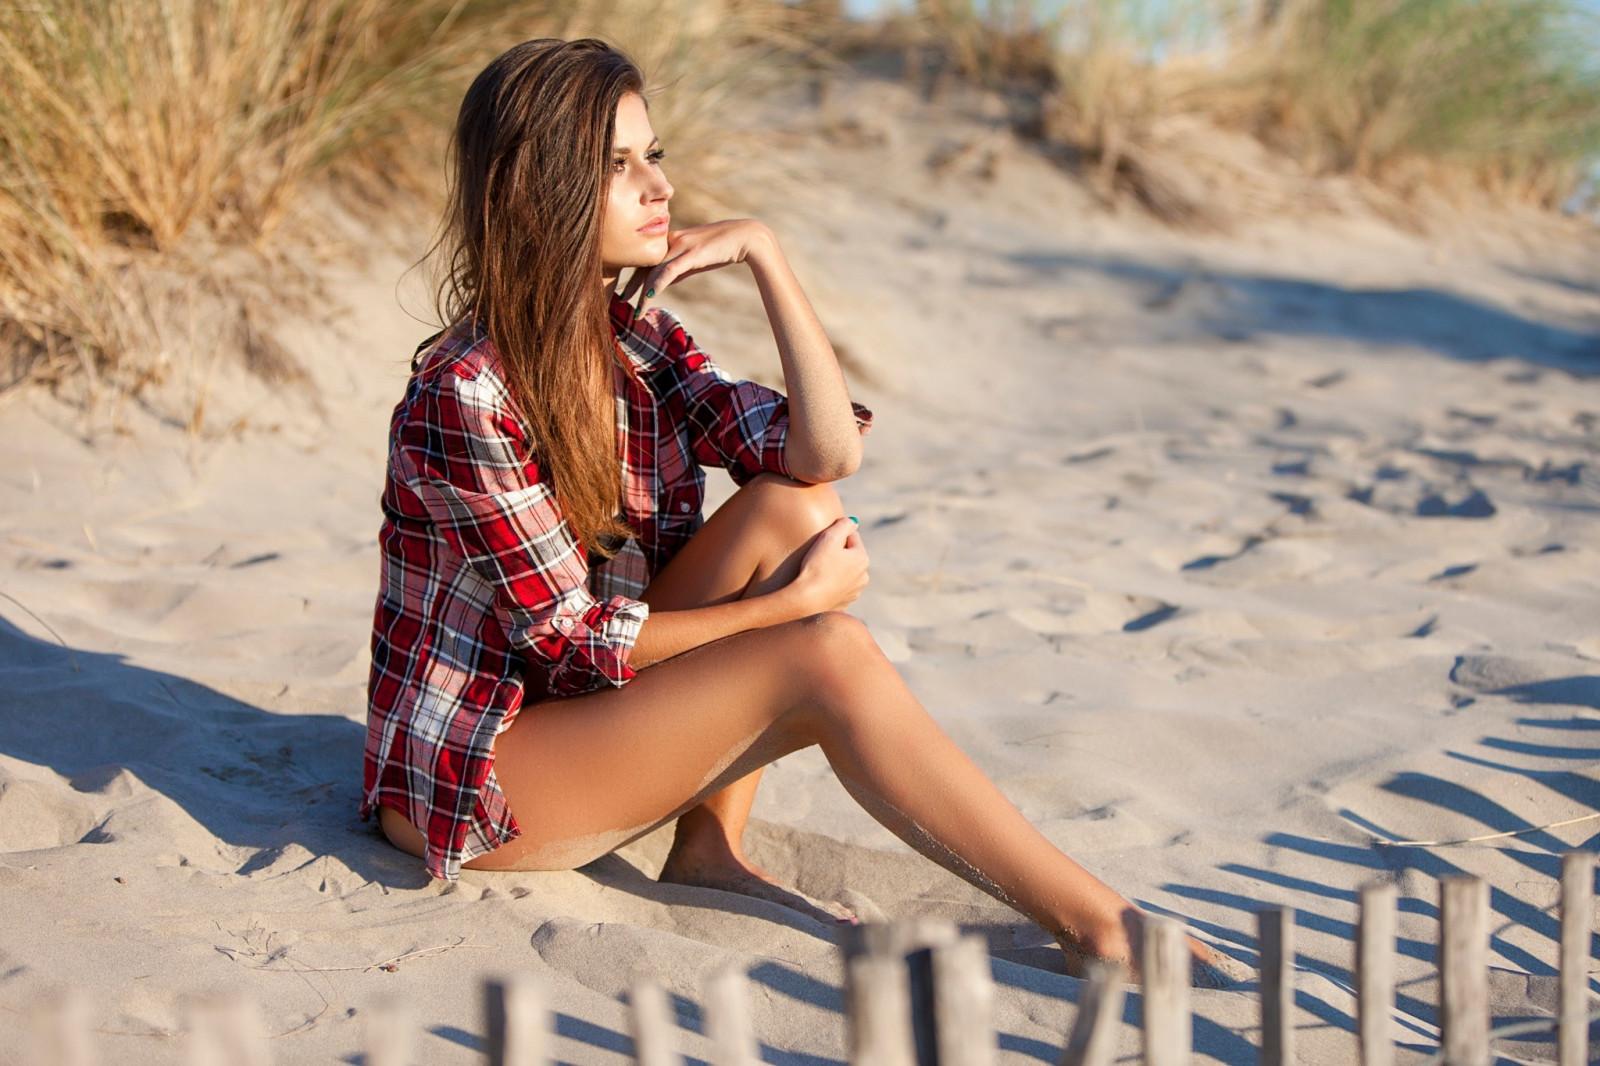 Как сделать красивое фото на море если ты полная 33